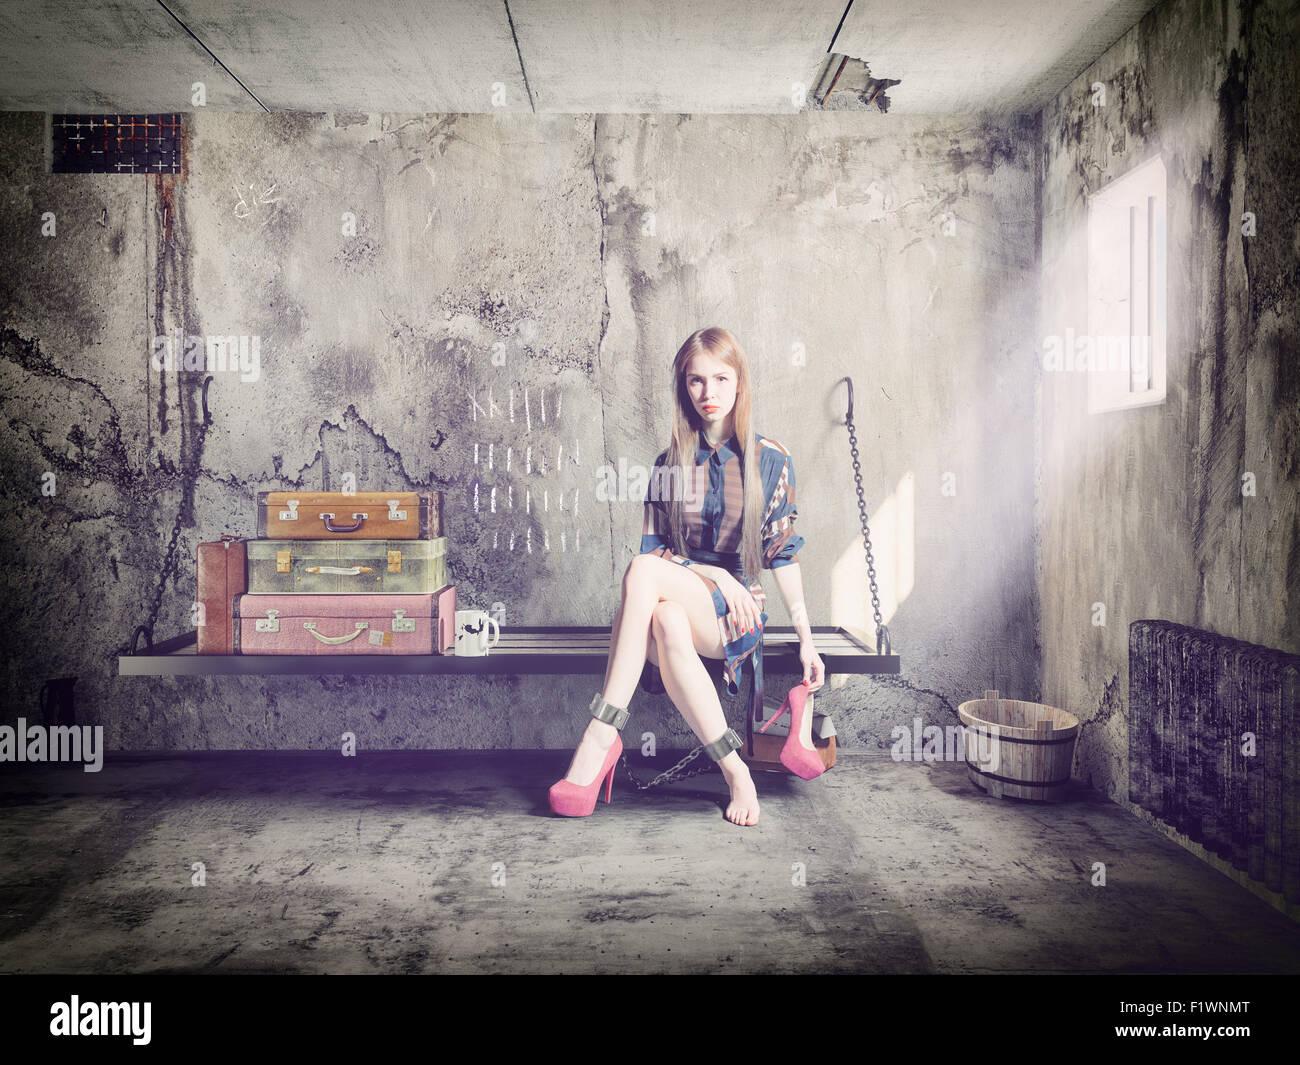 La belle jeune femme en prison avec ses bagages. Concept Photo Stock